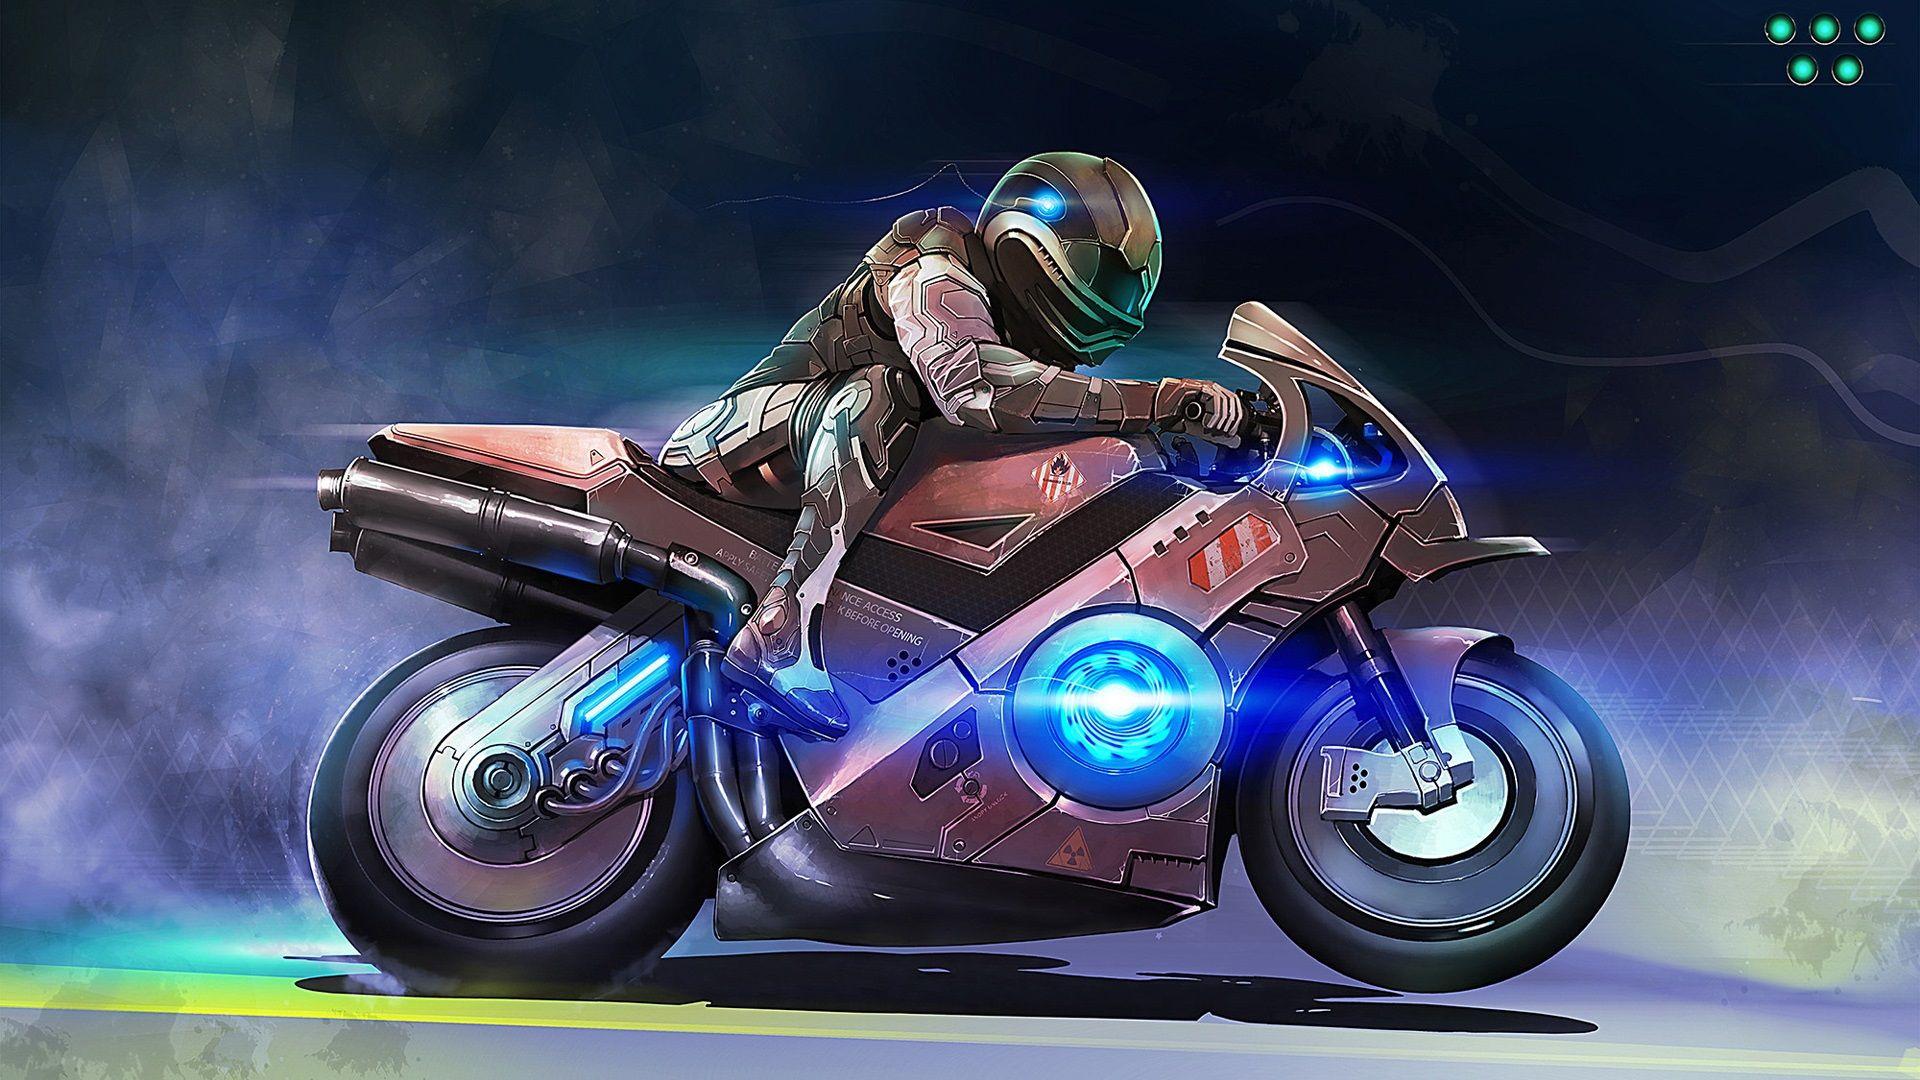 アートデザイン バイク 人物 速 壁紙 1920x1080 アートデザイン